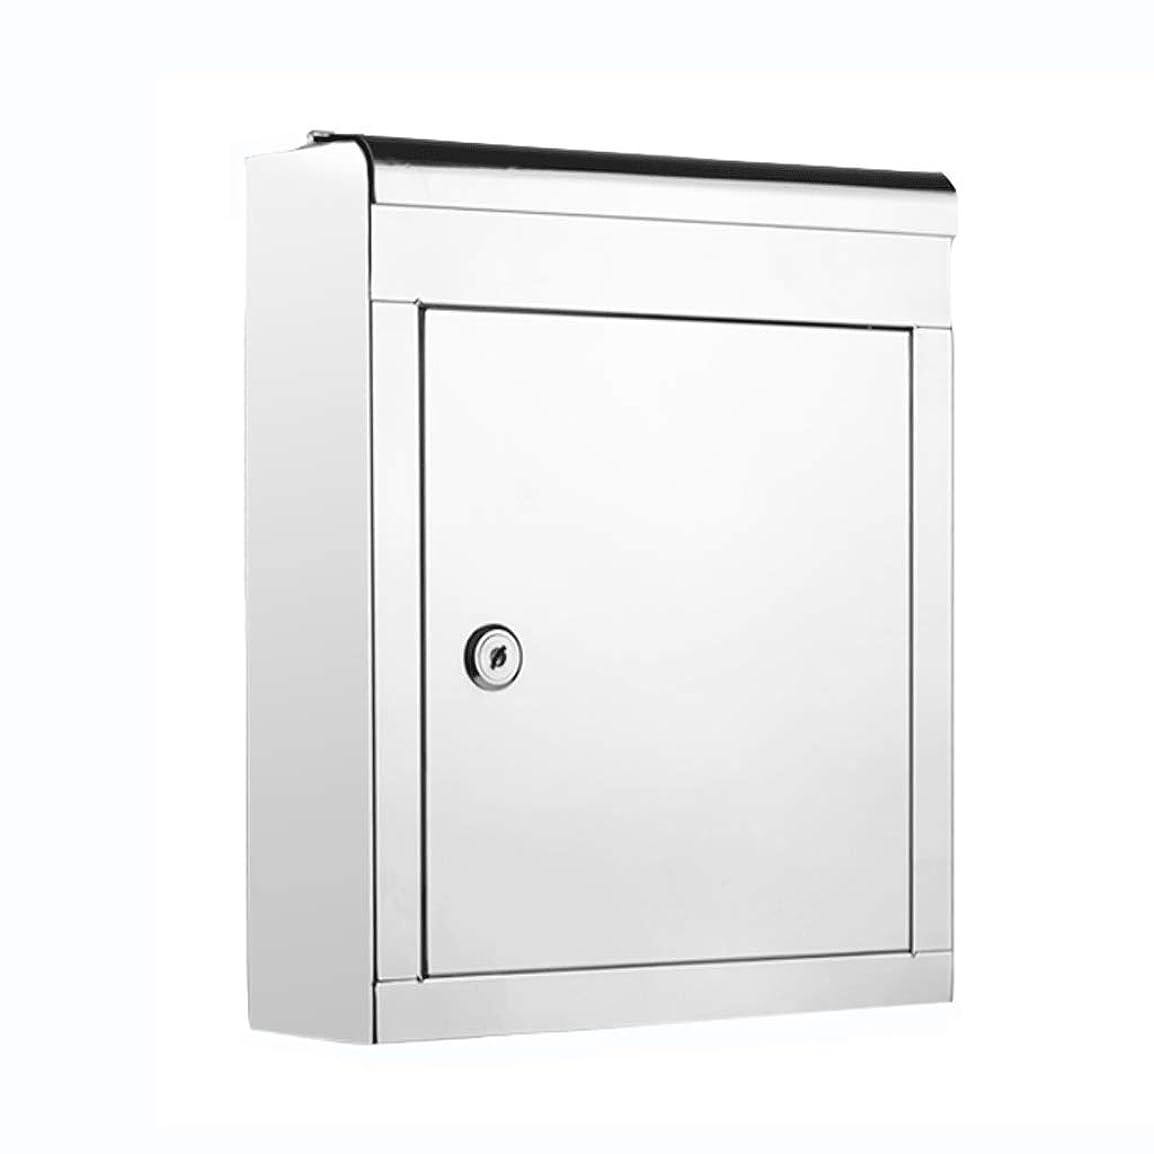 豚抑制するゴミメールボックスステンレス鋼の提案箱提案箱レターボックス屋外防水チケットボックスマガジンボックスA4封筒ボックス